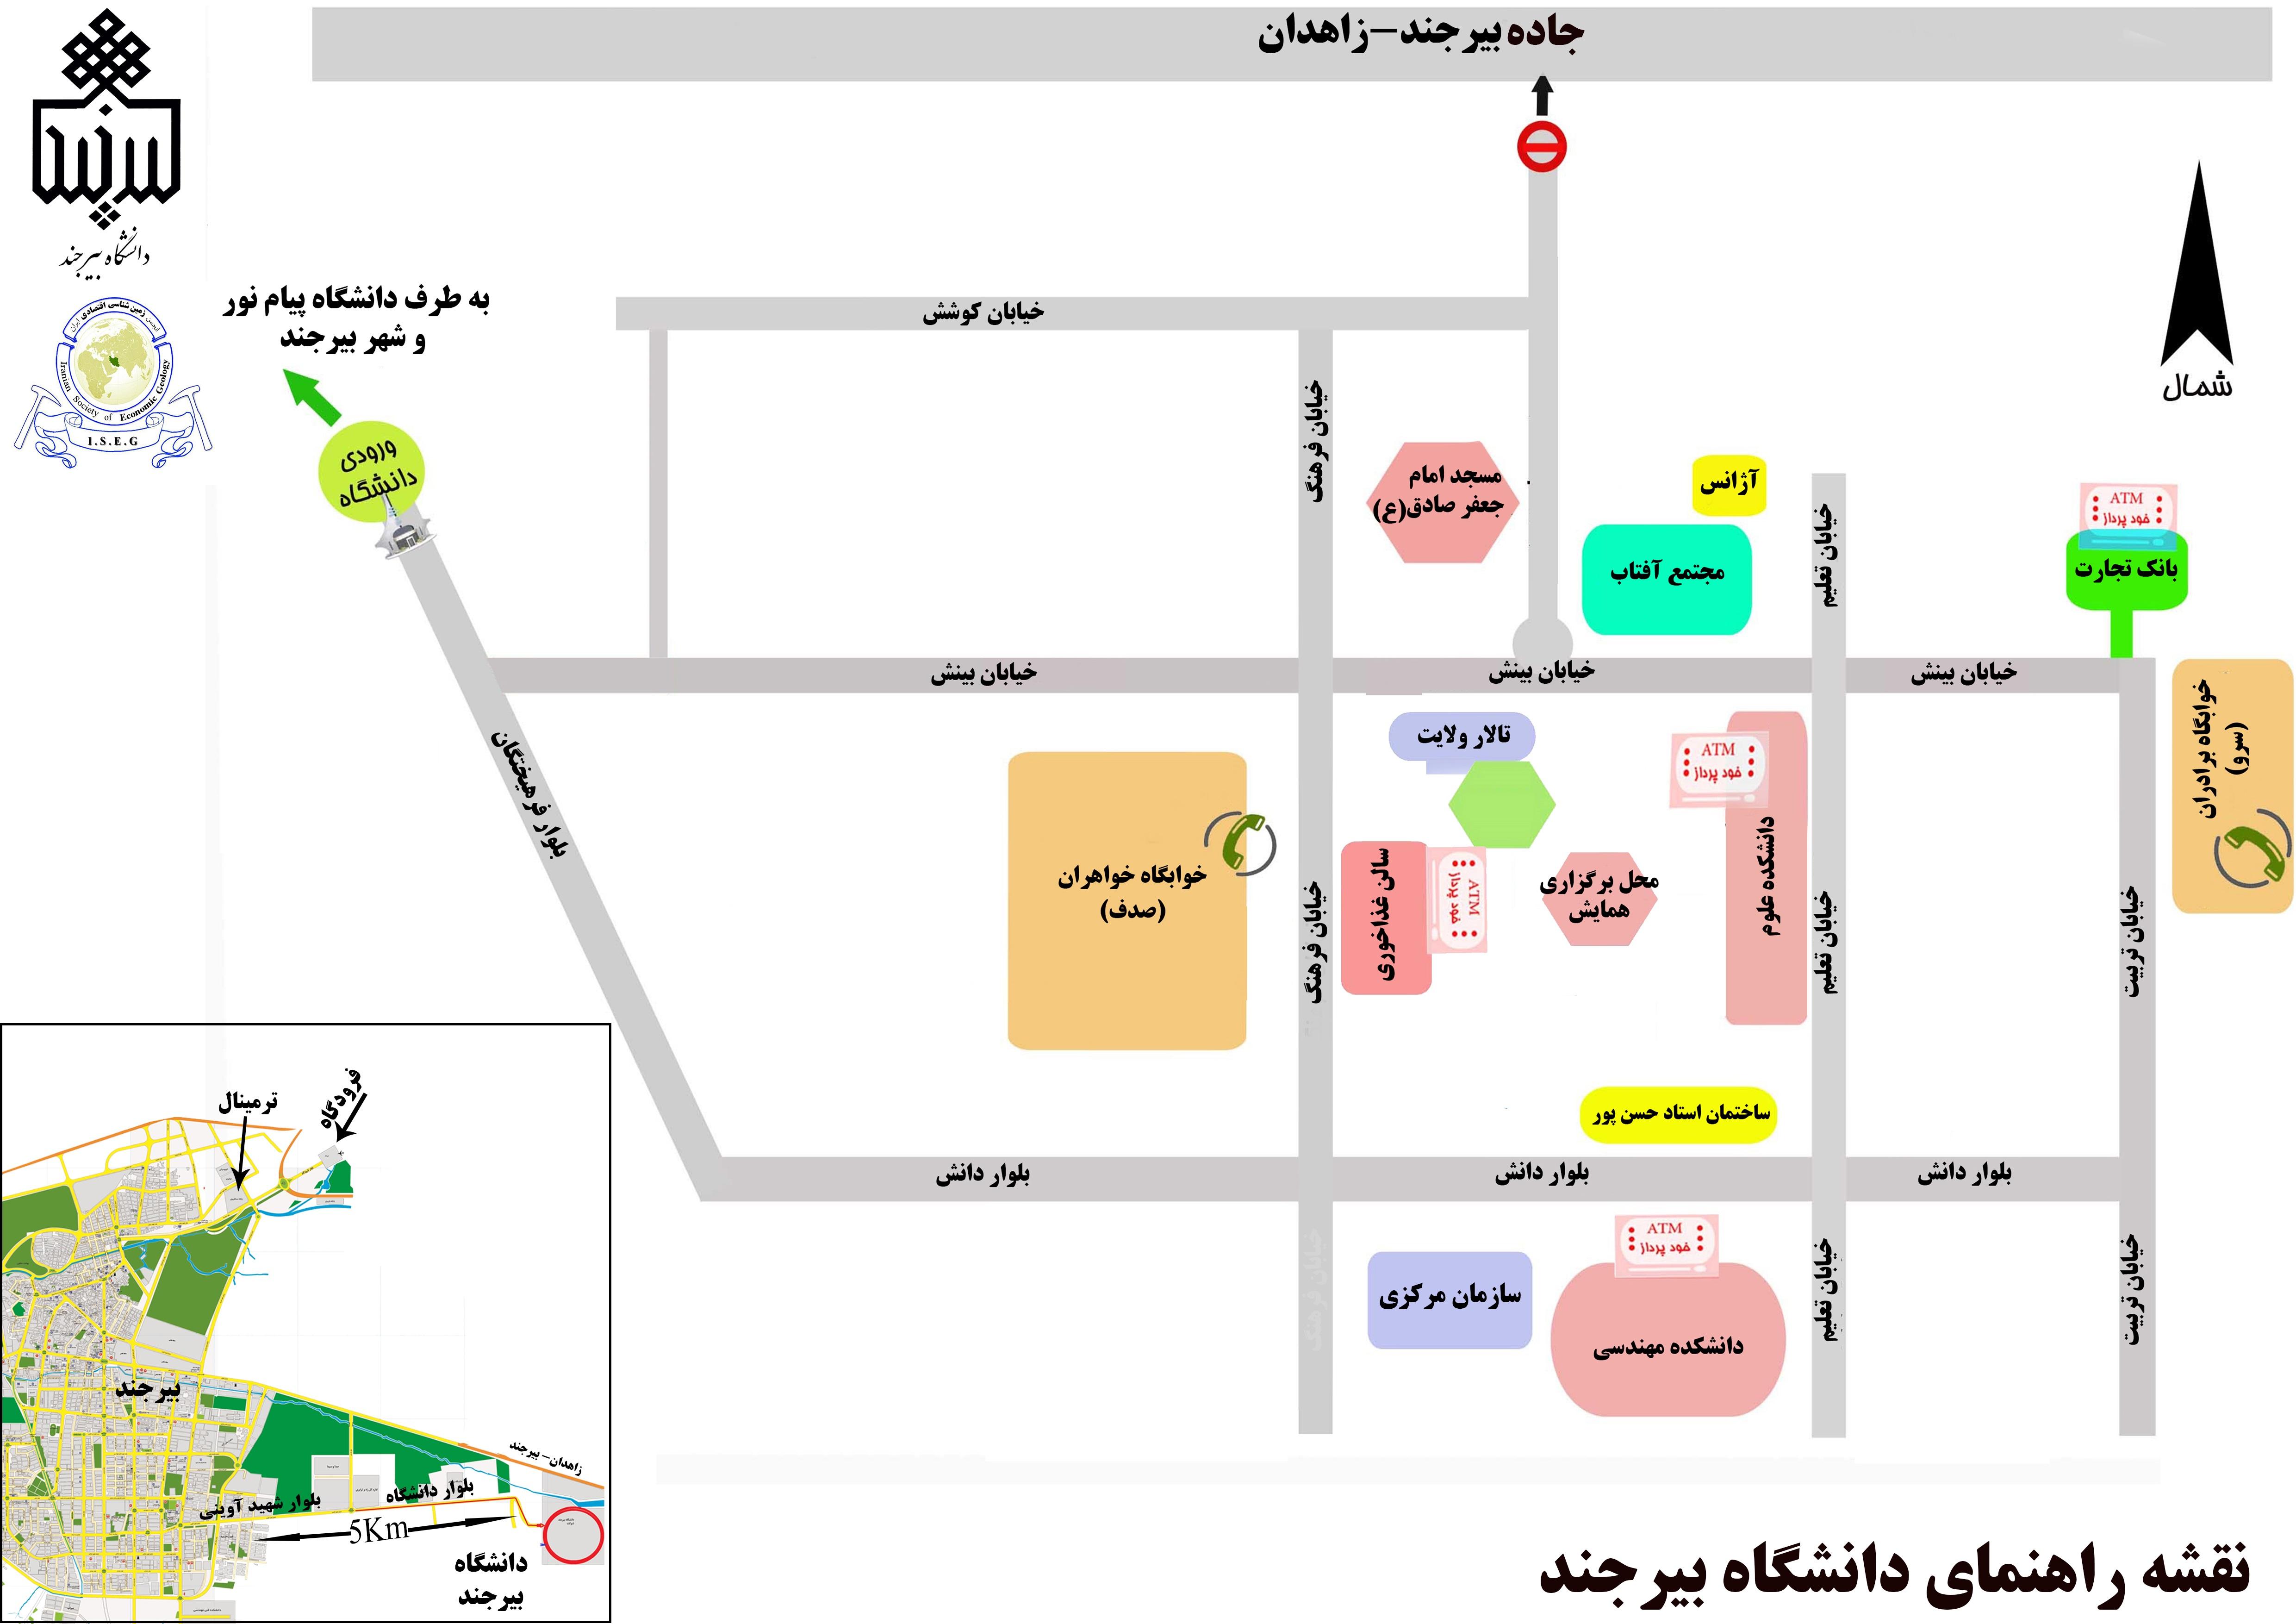 نهمین همایش ملی زمین شناسی اقتصادی ایران